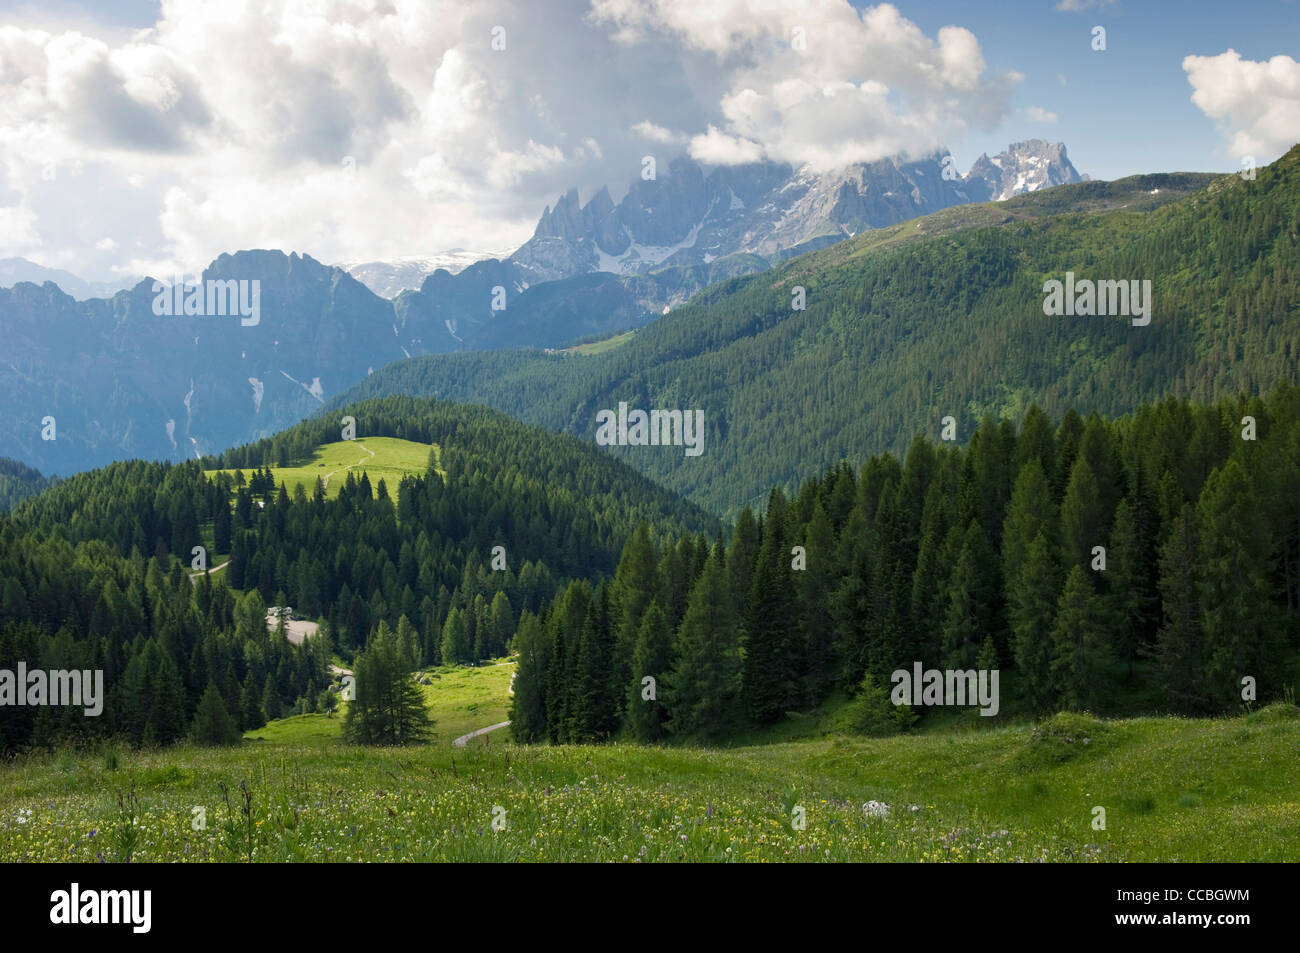 landscape towards fuchiare mountain hut, san pellegrino pass, italy Stock Photo